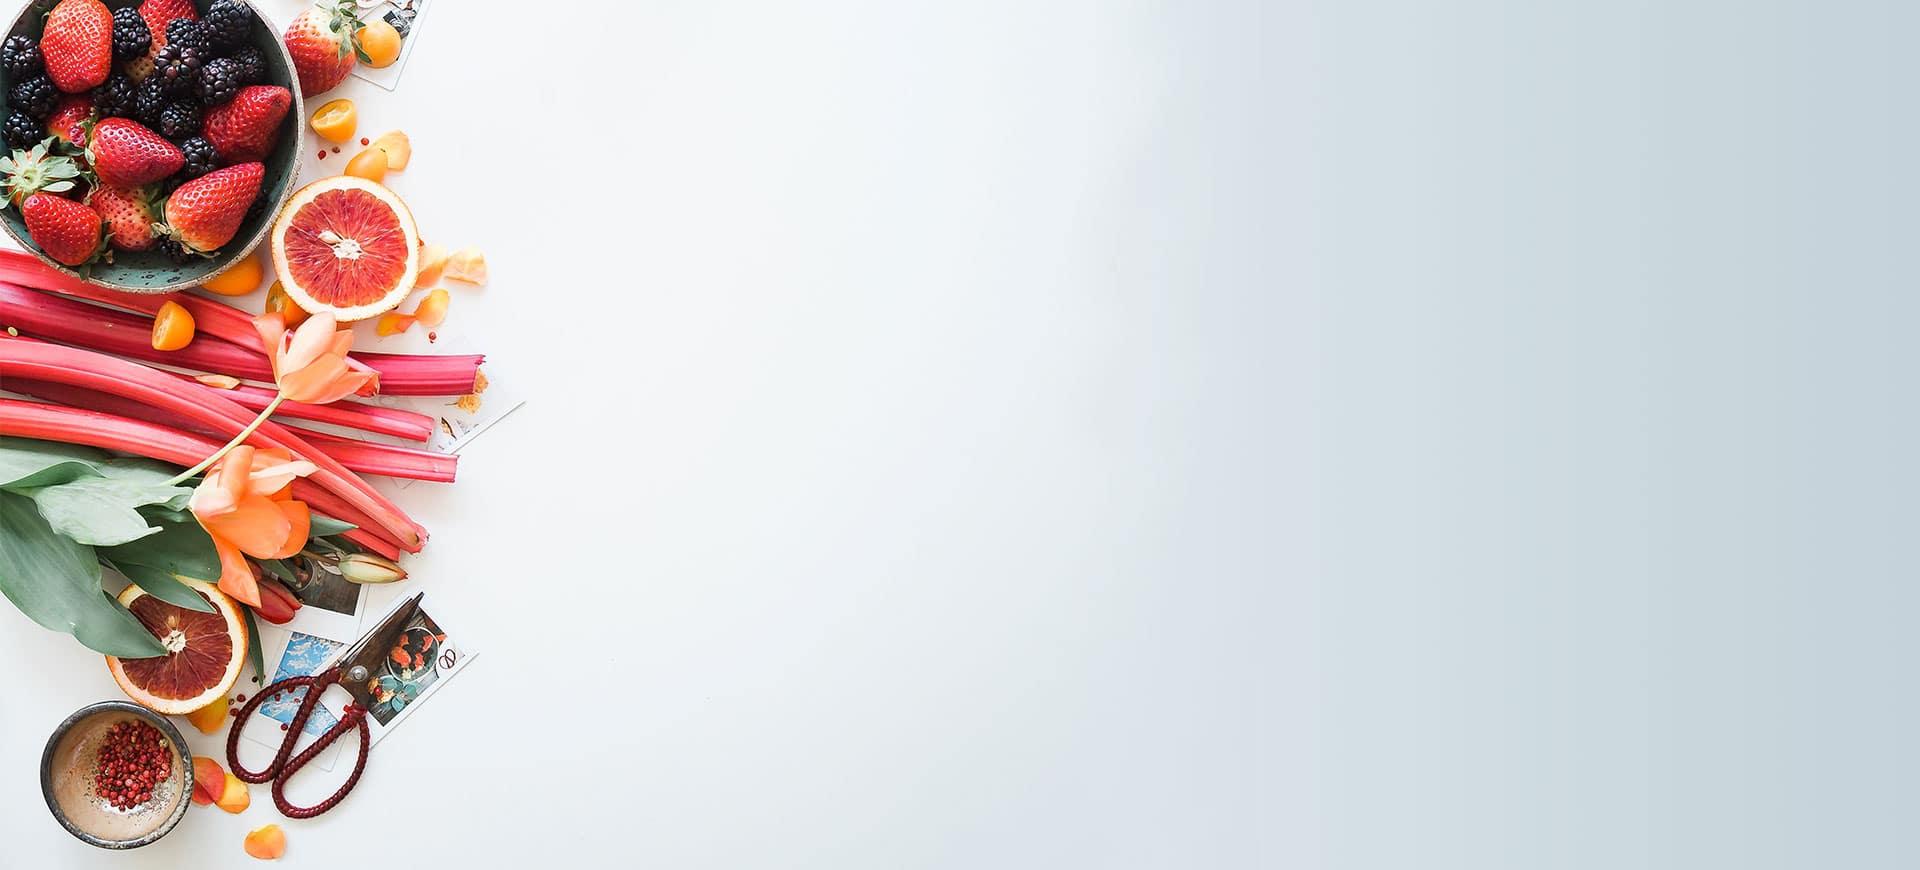 michele rouxel consultation perte de poids le perreux ile de france 94a